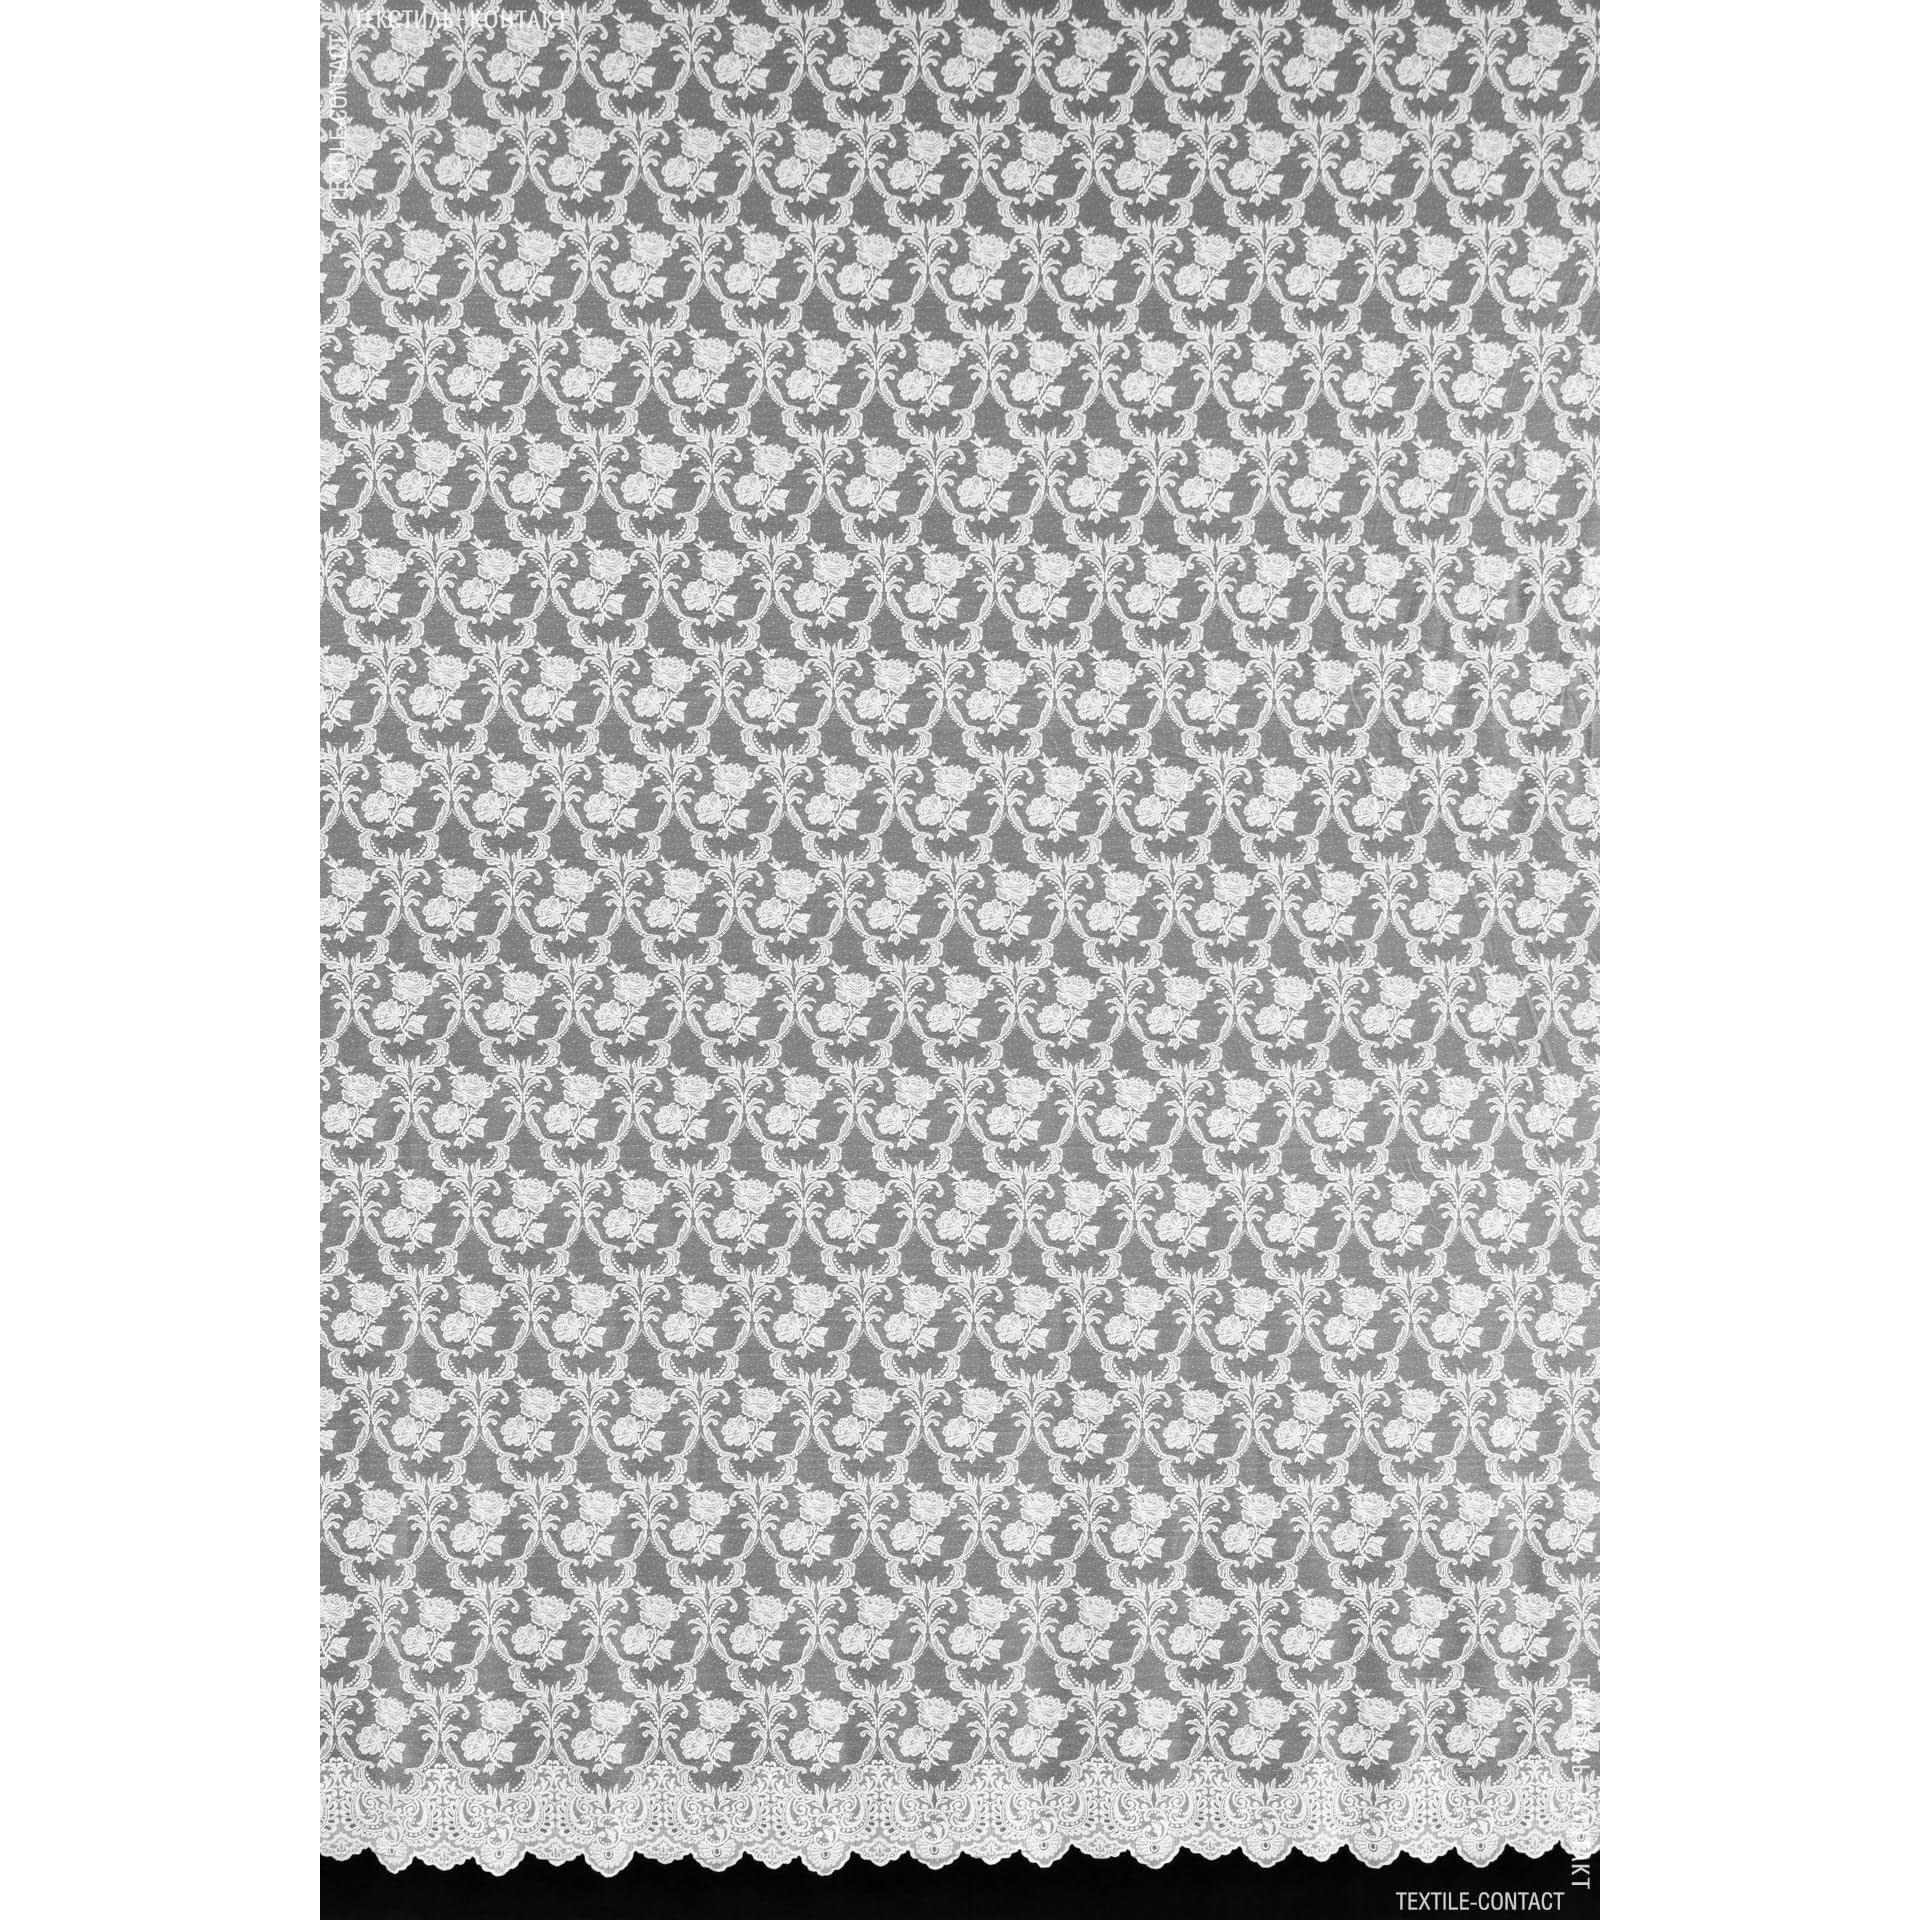 Тканини гардинні тканини - Гард пол гіпюр олександра білий